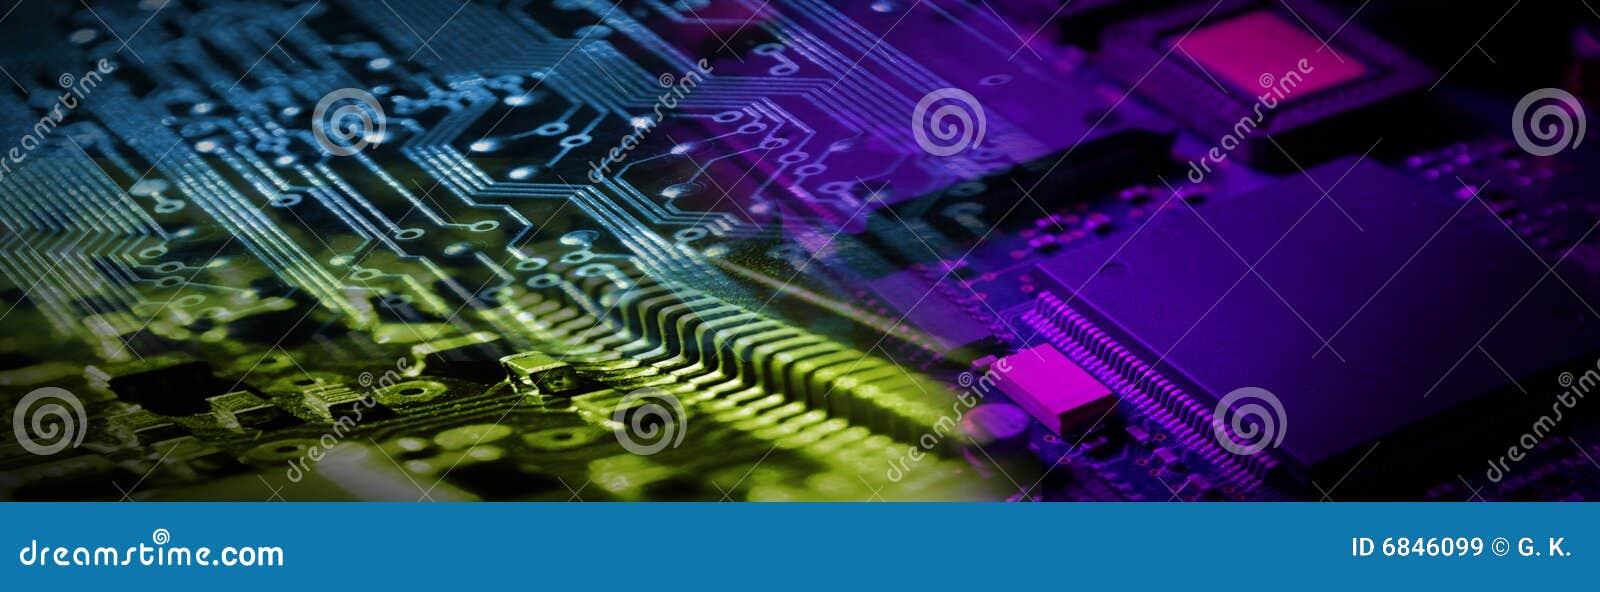 Bandera de la electrónica